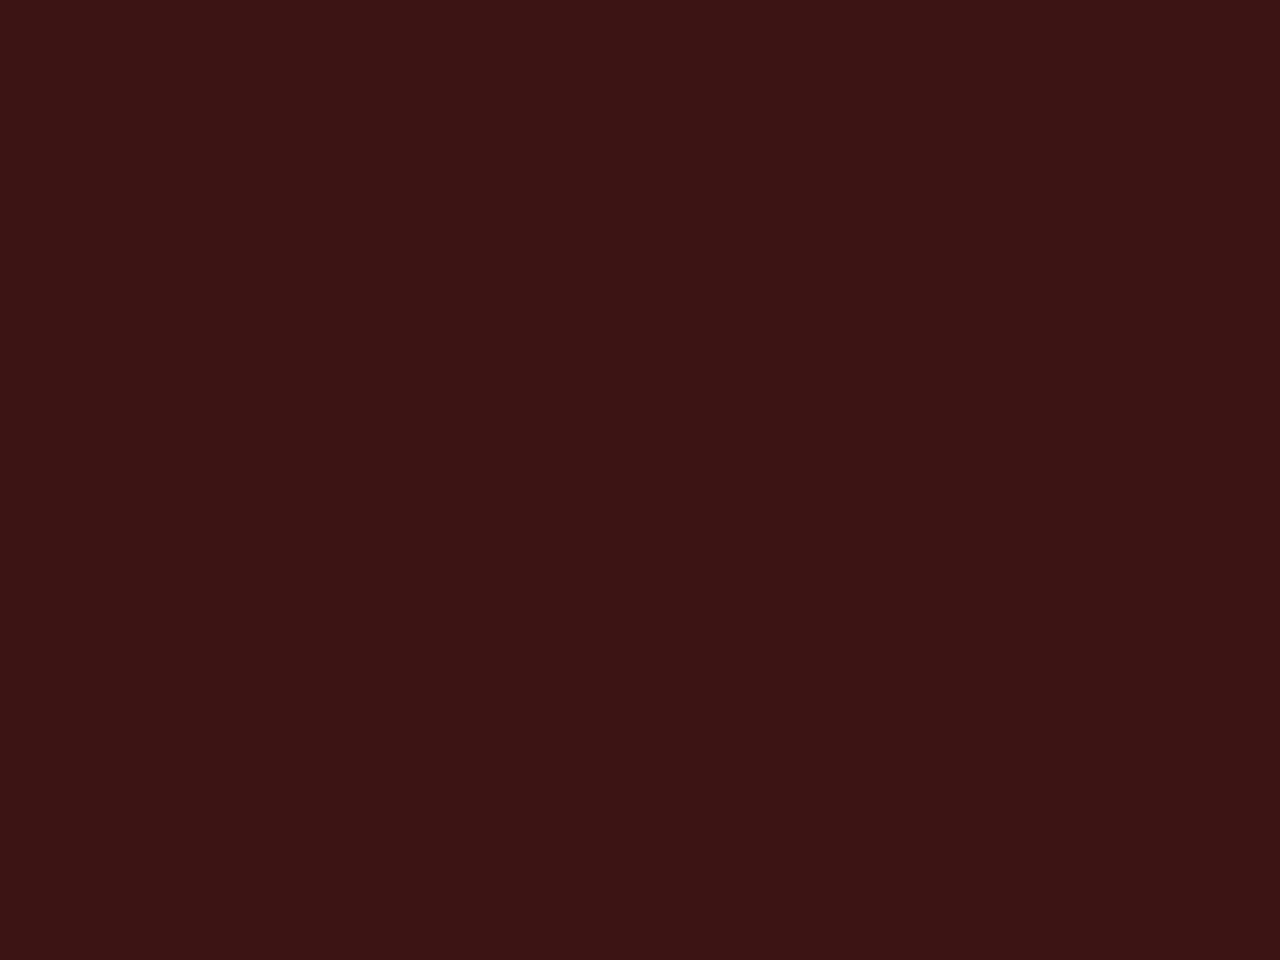 1280x960 Dark Sienna Solid Color Background